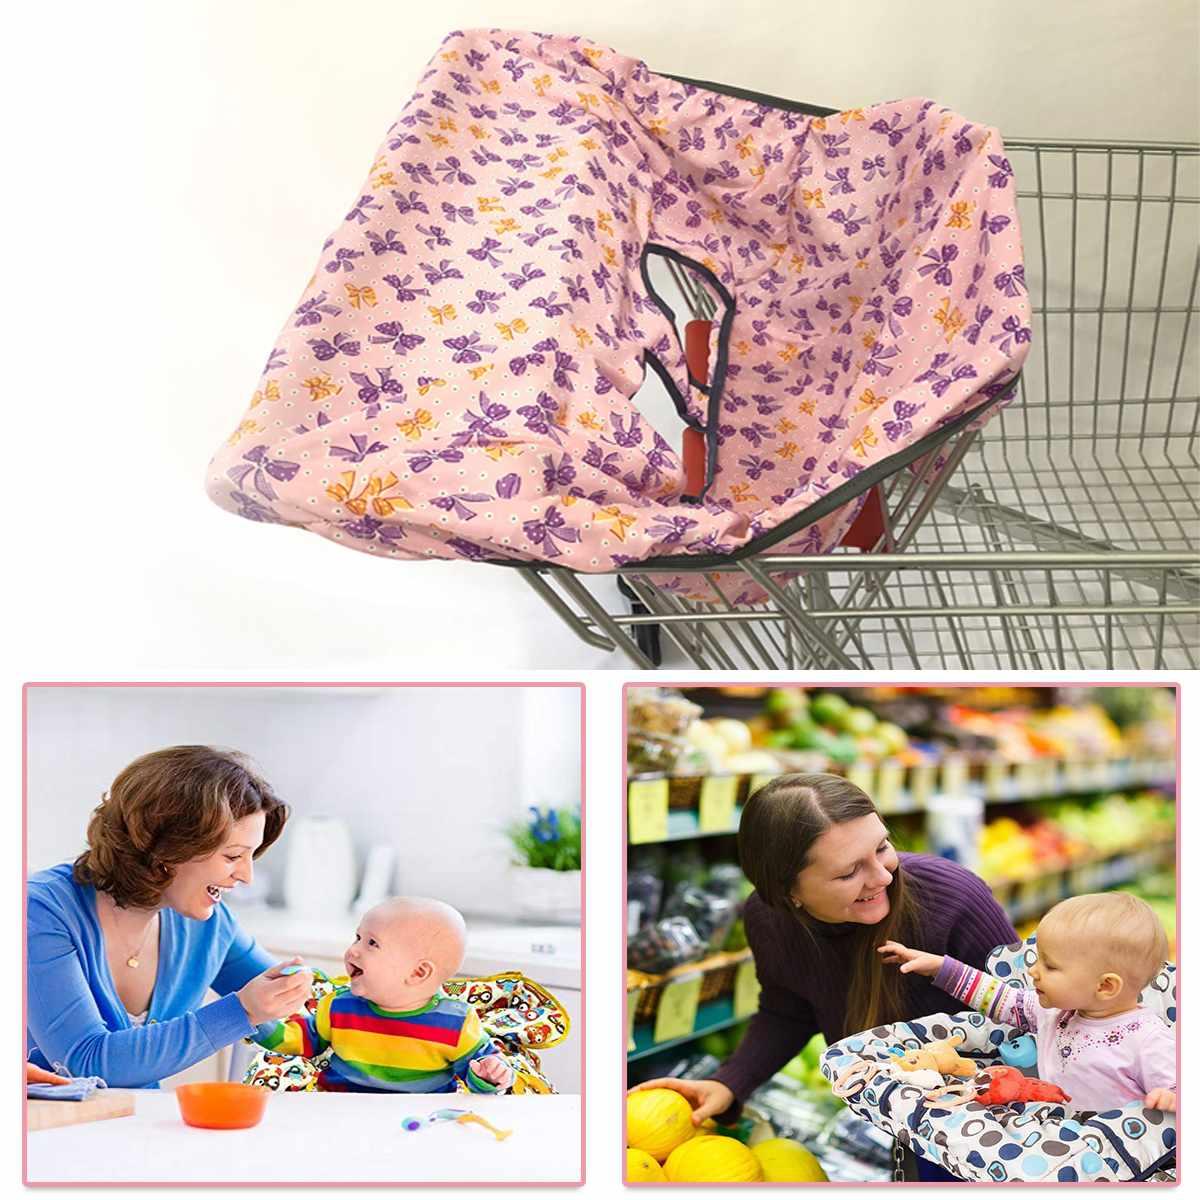 Детская продуктовая тележка для малышей, детская тележка для покупок, Защитная крышка для тележки, защита сиденья, безопасные сиденья для детей